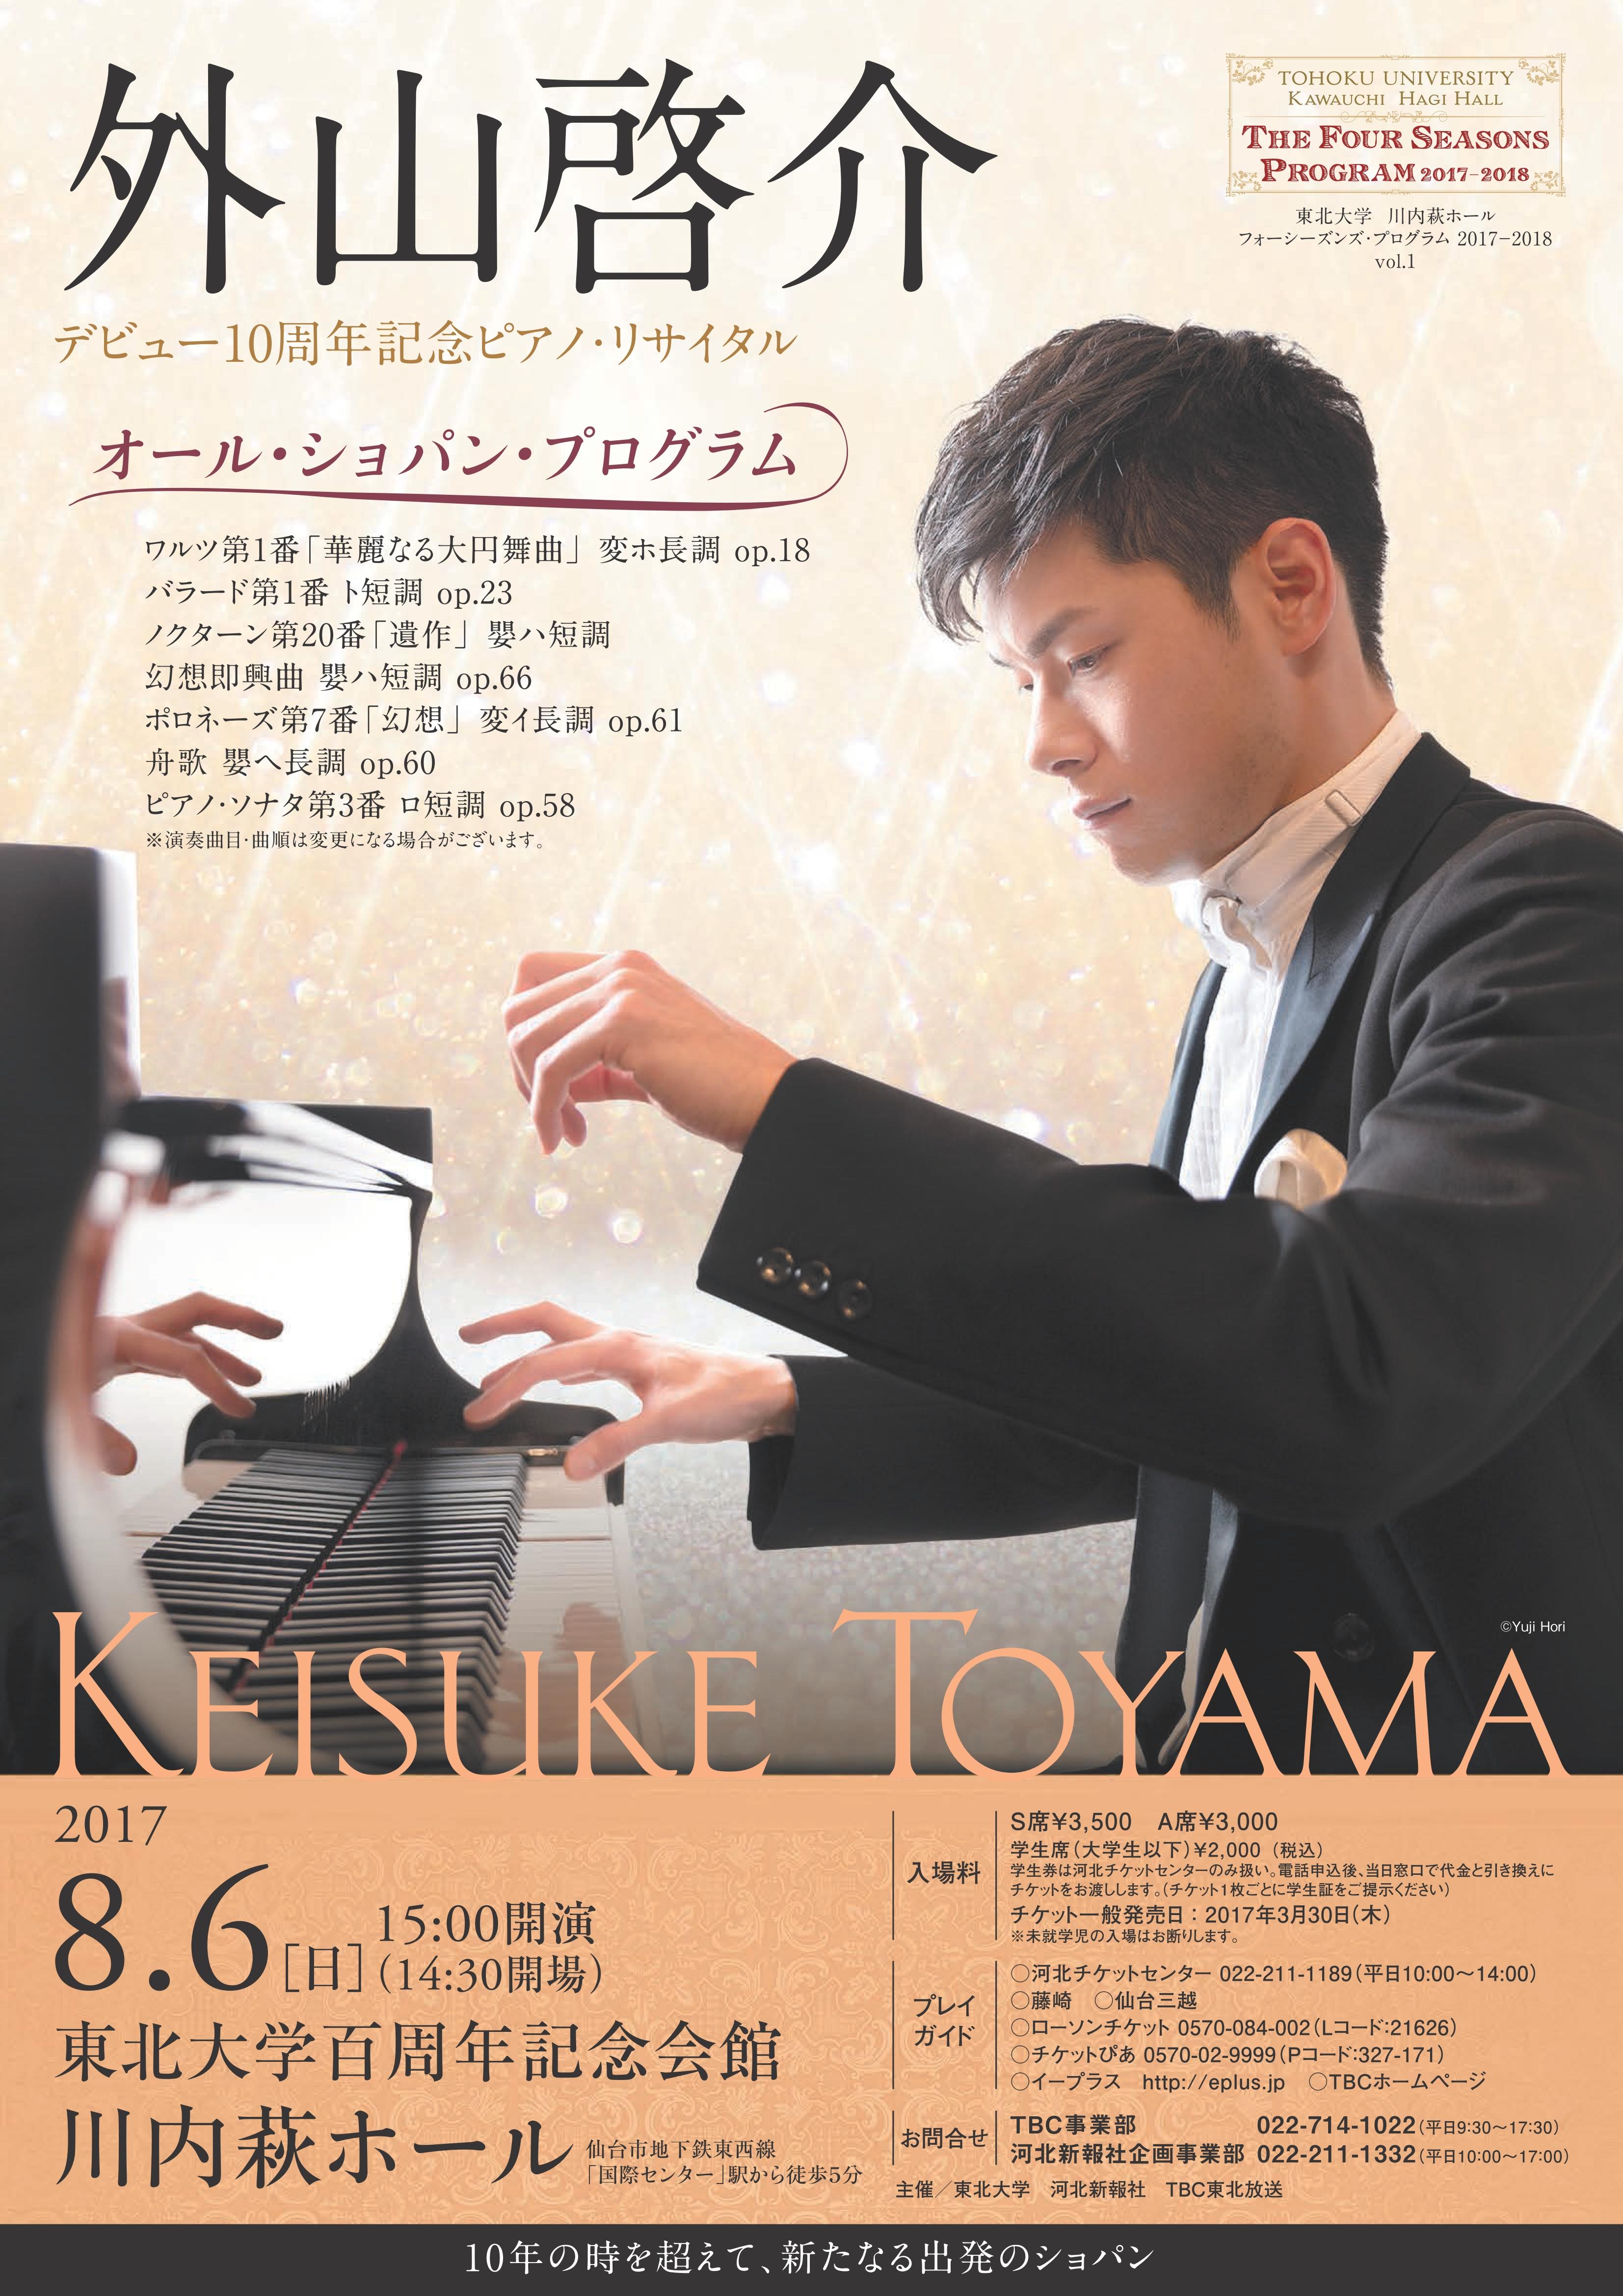 Keisuke Toyama 10th Anniversary Piano Recital